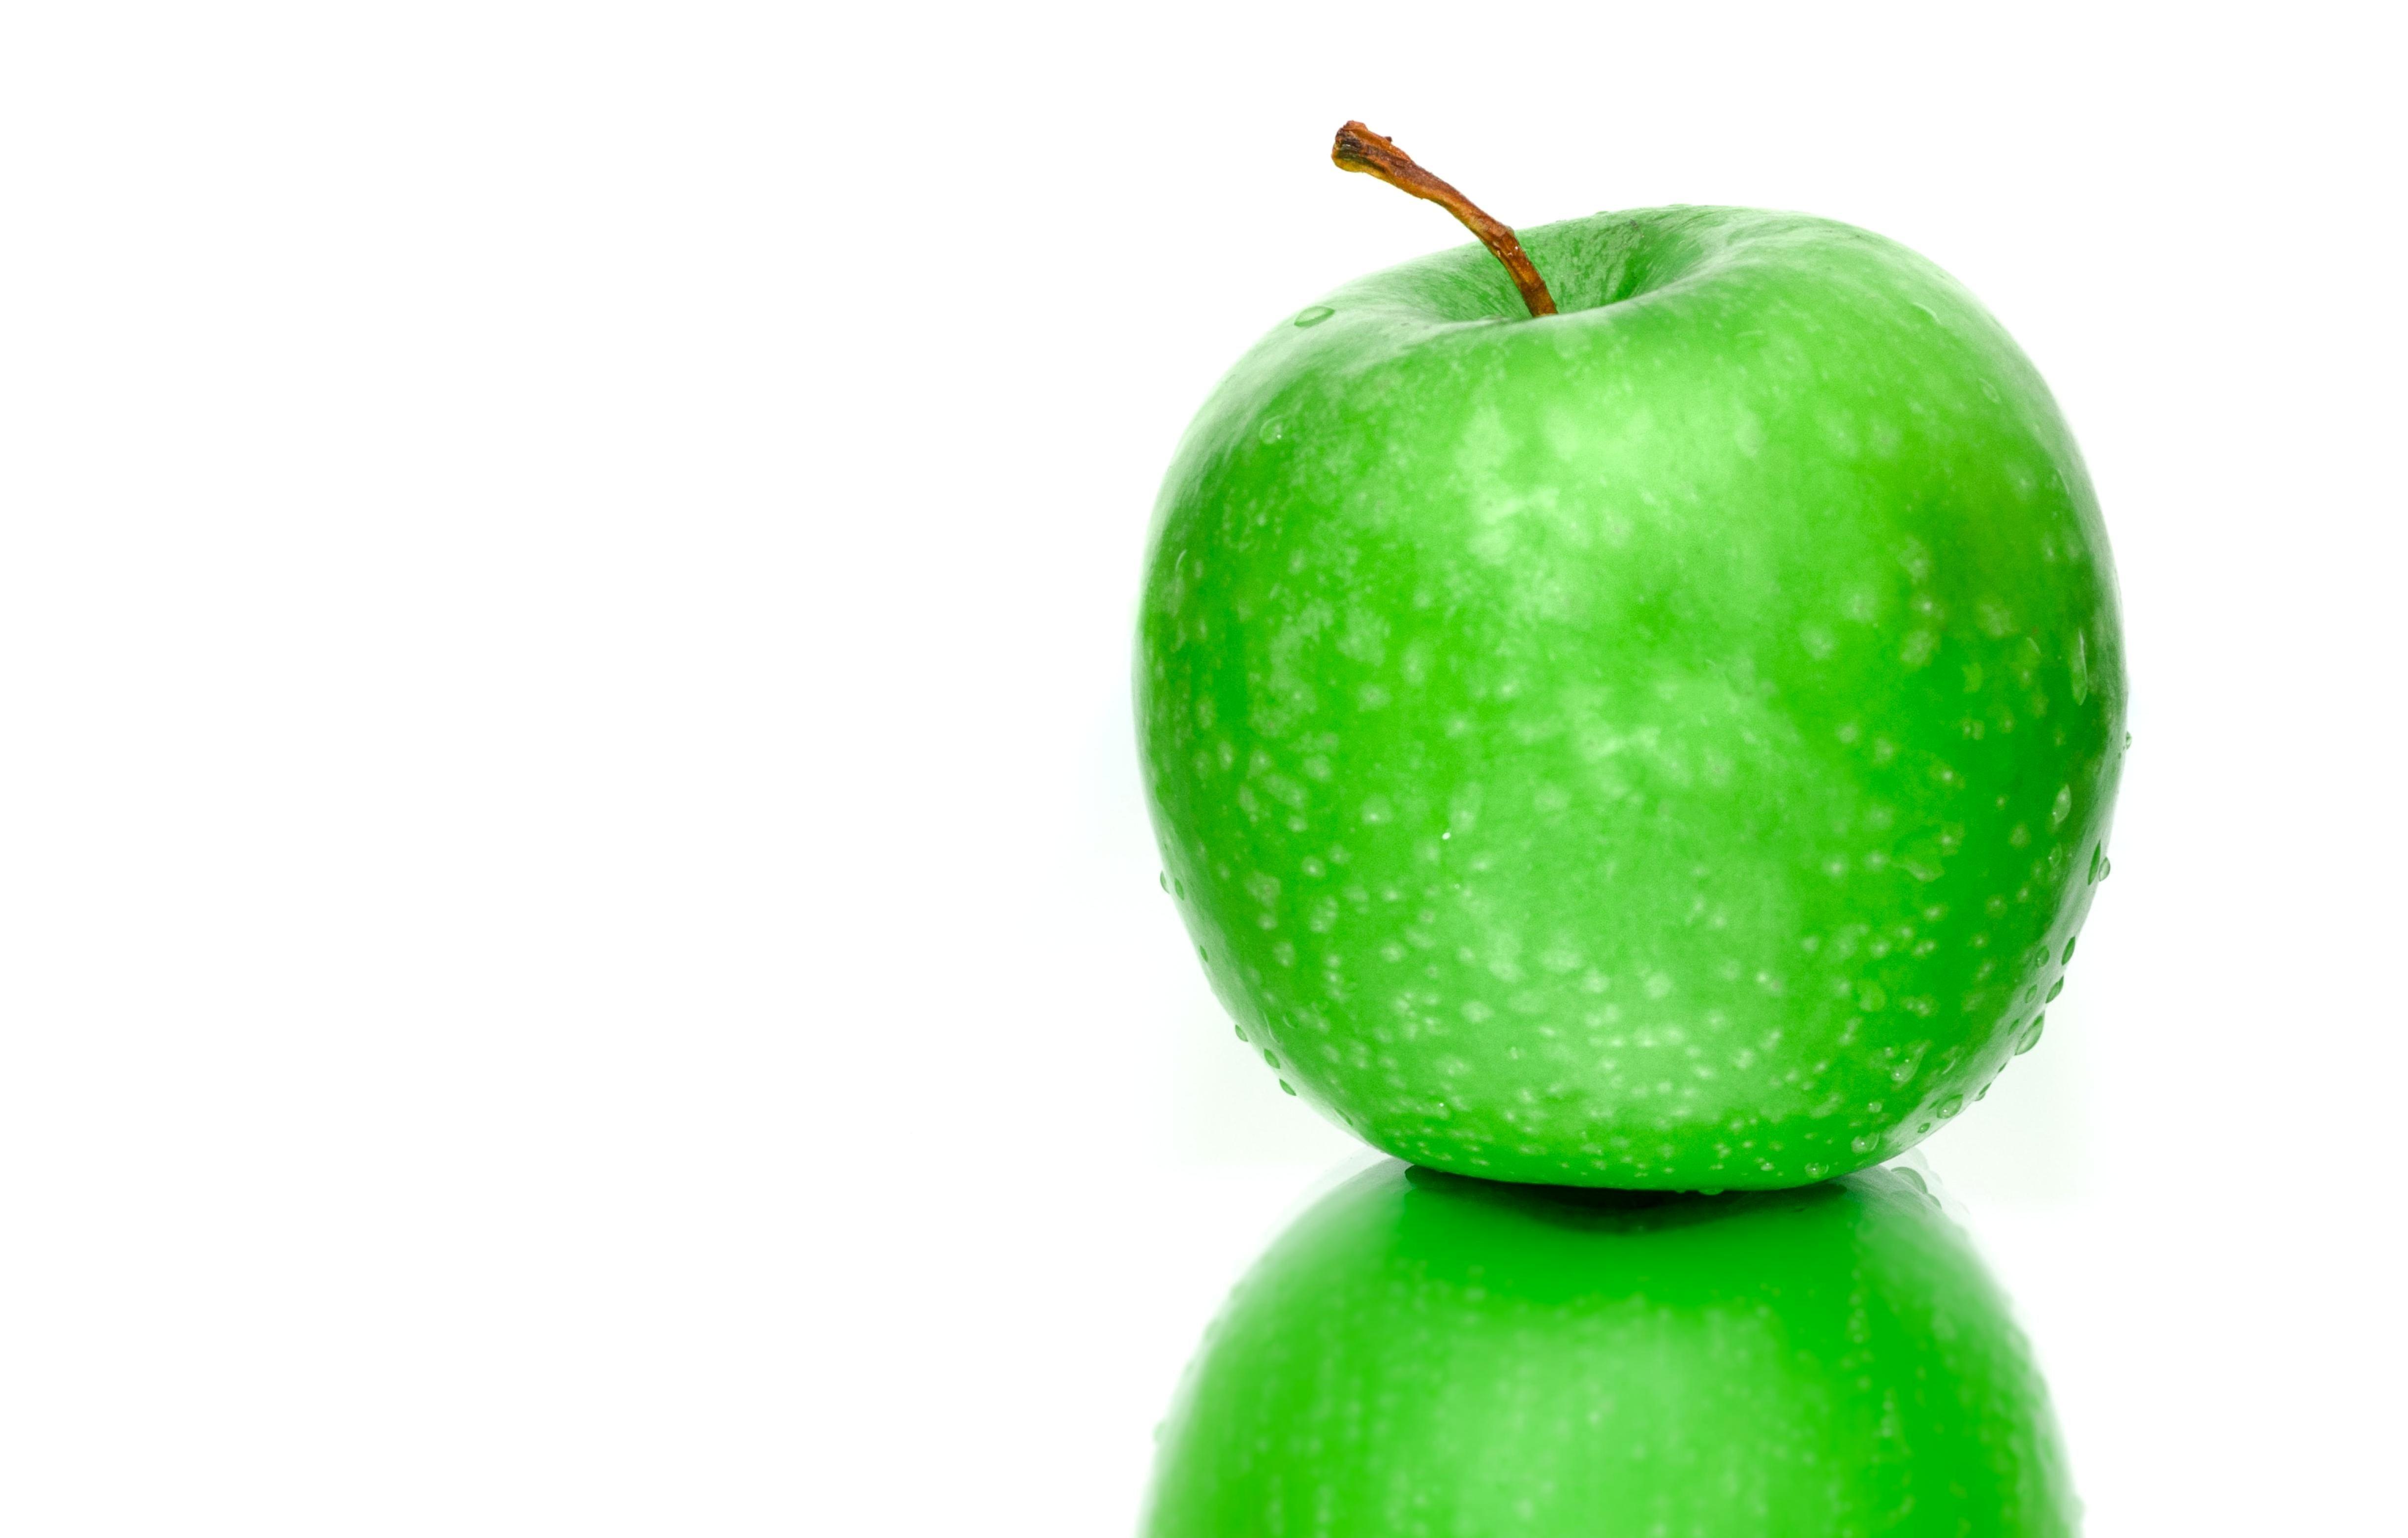 Dieta cu mere verzi